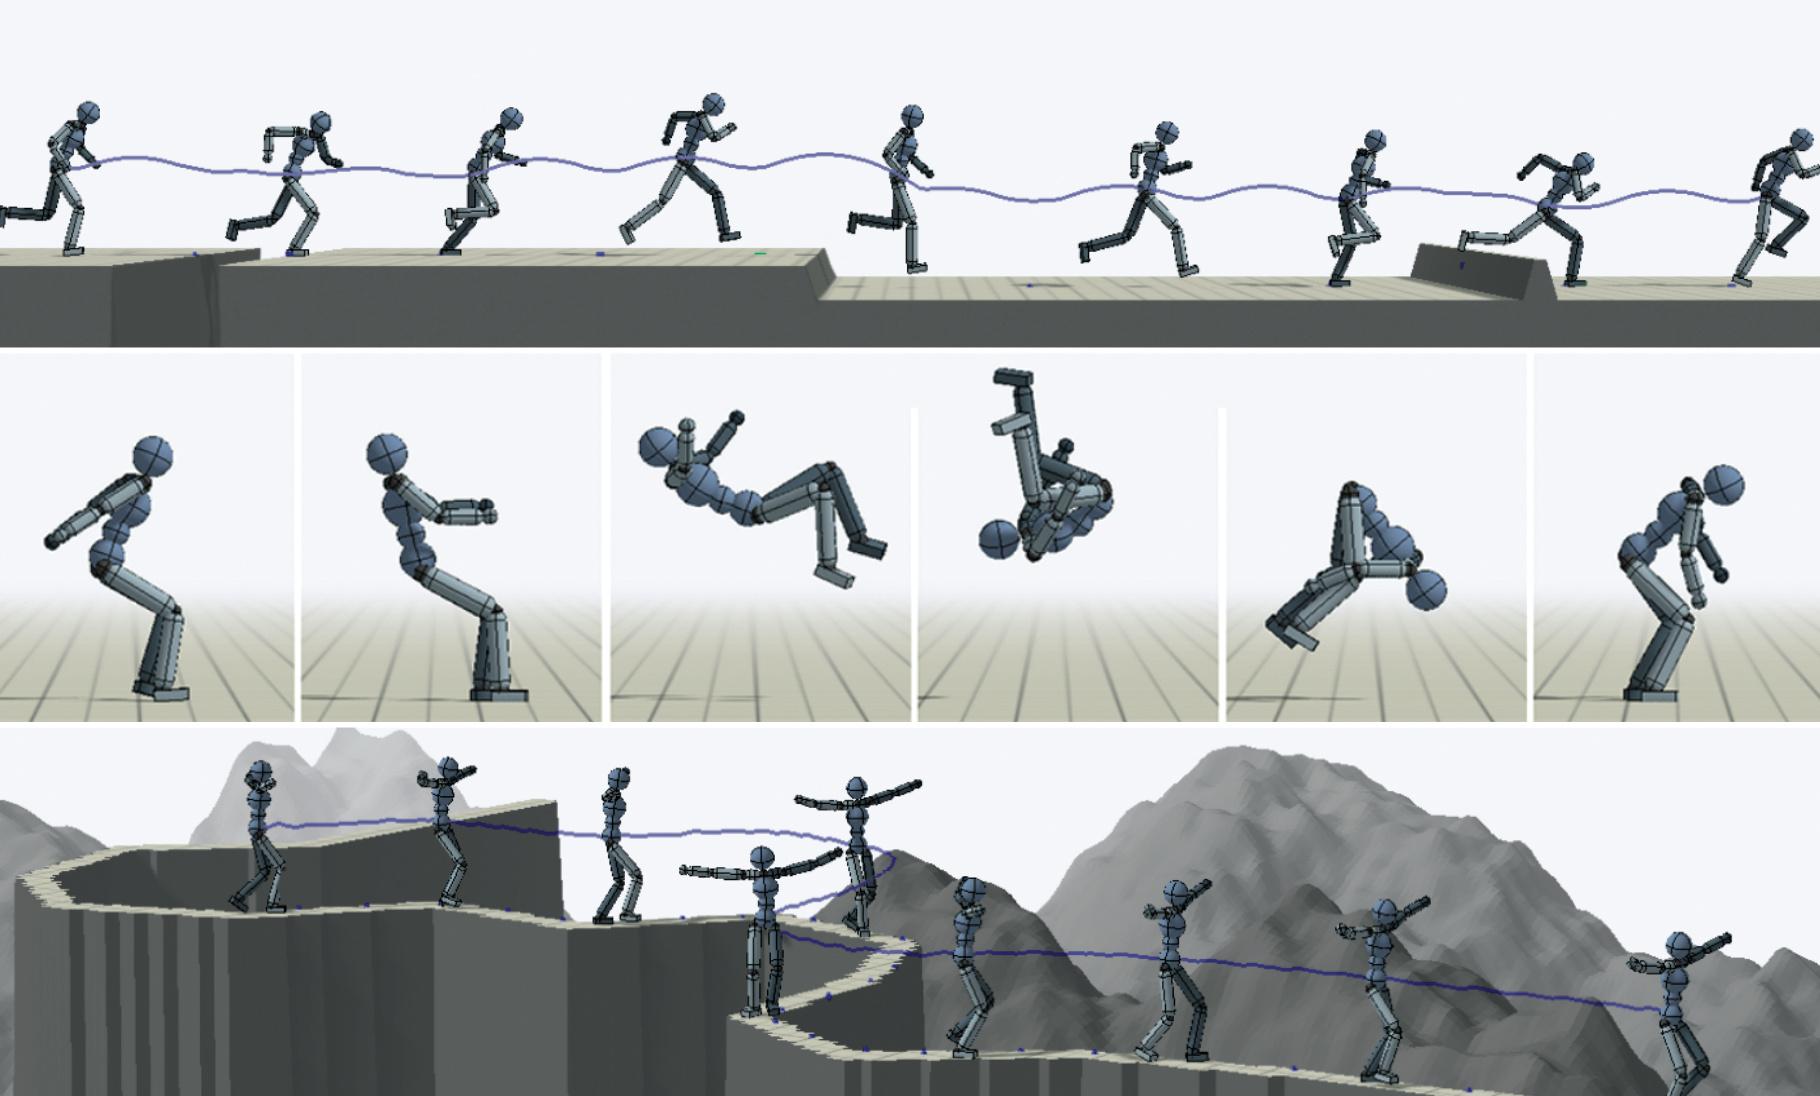 KI lernt Bewegungen, indem sie Menschen nachahmt | c\'t Magazin